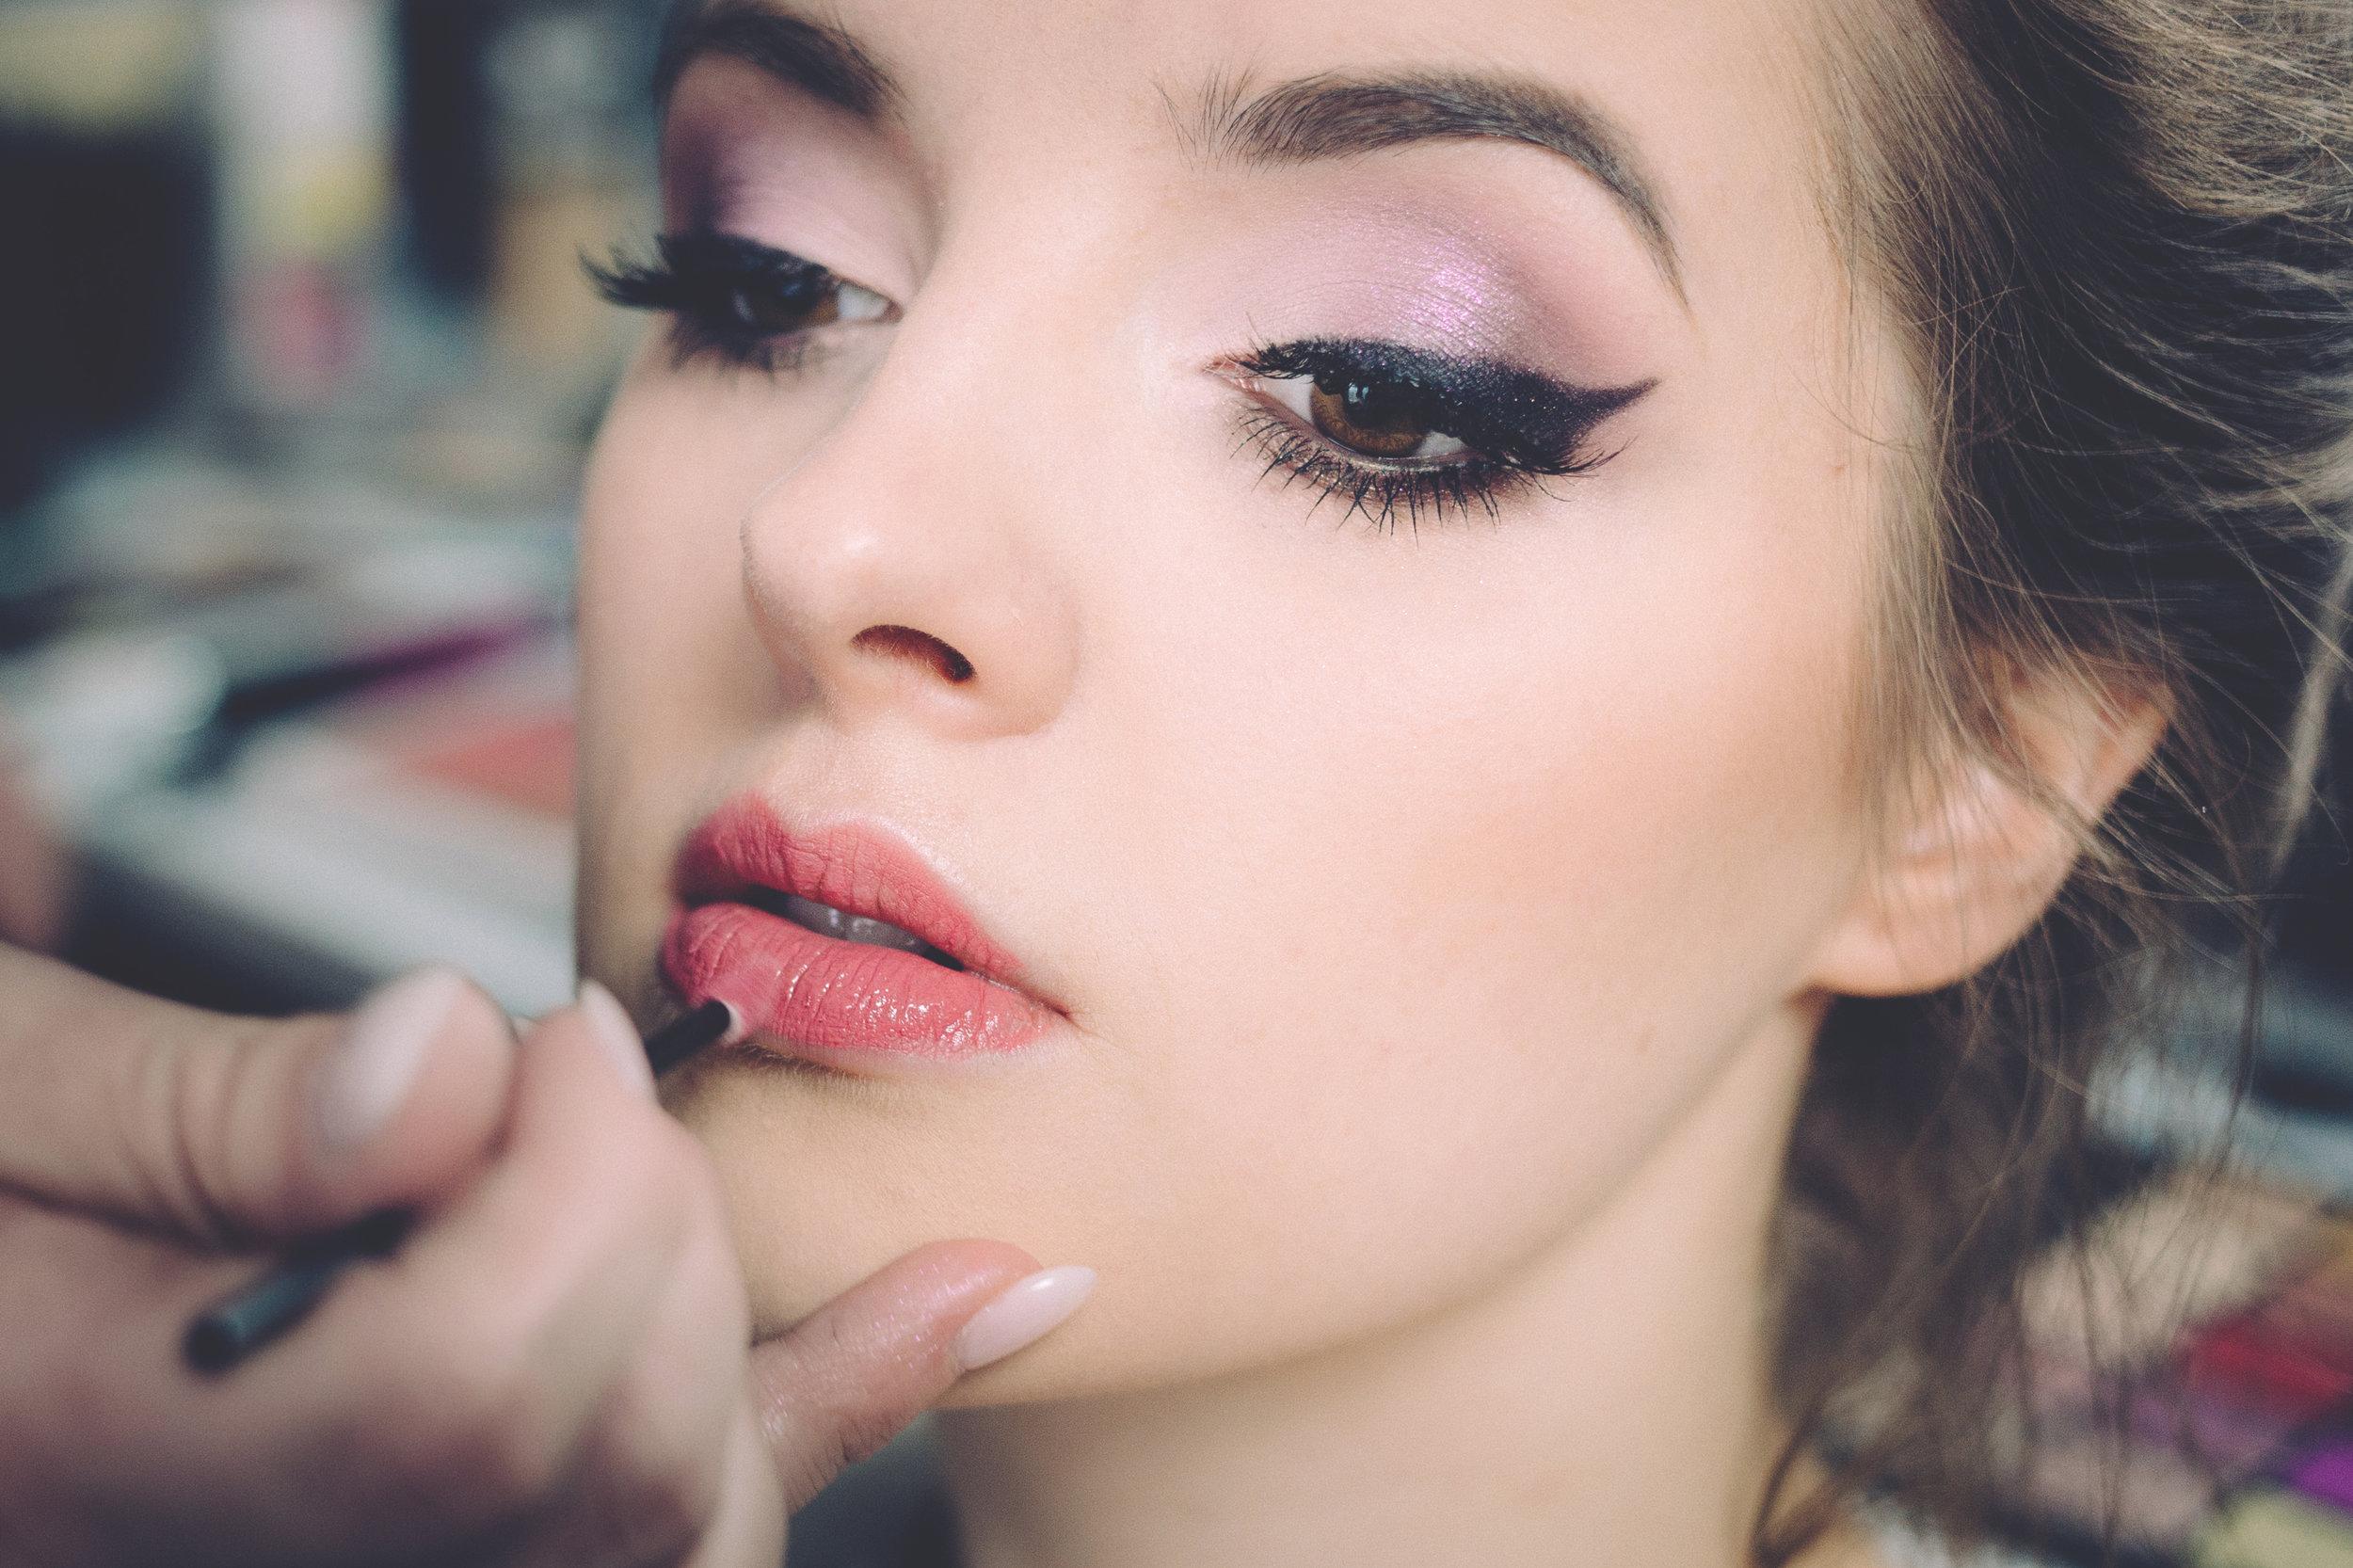 maquillage pole experts dax - esthétique